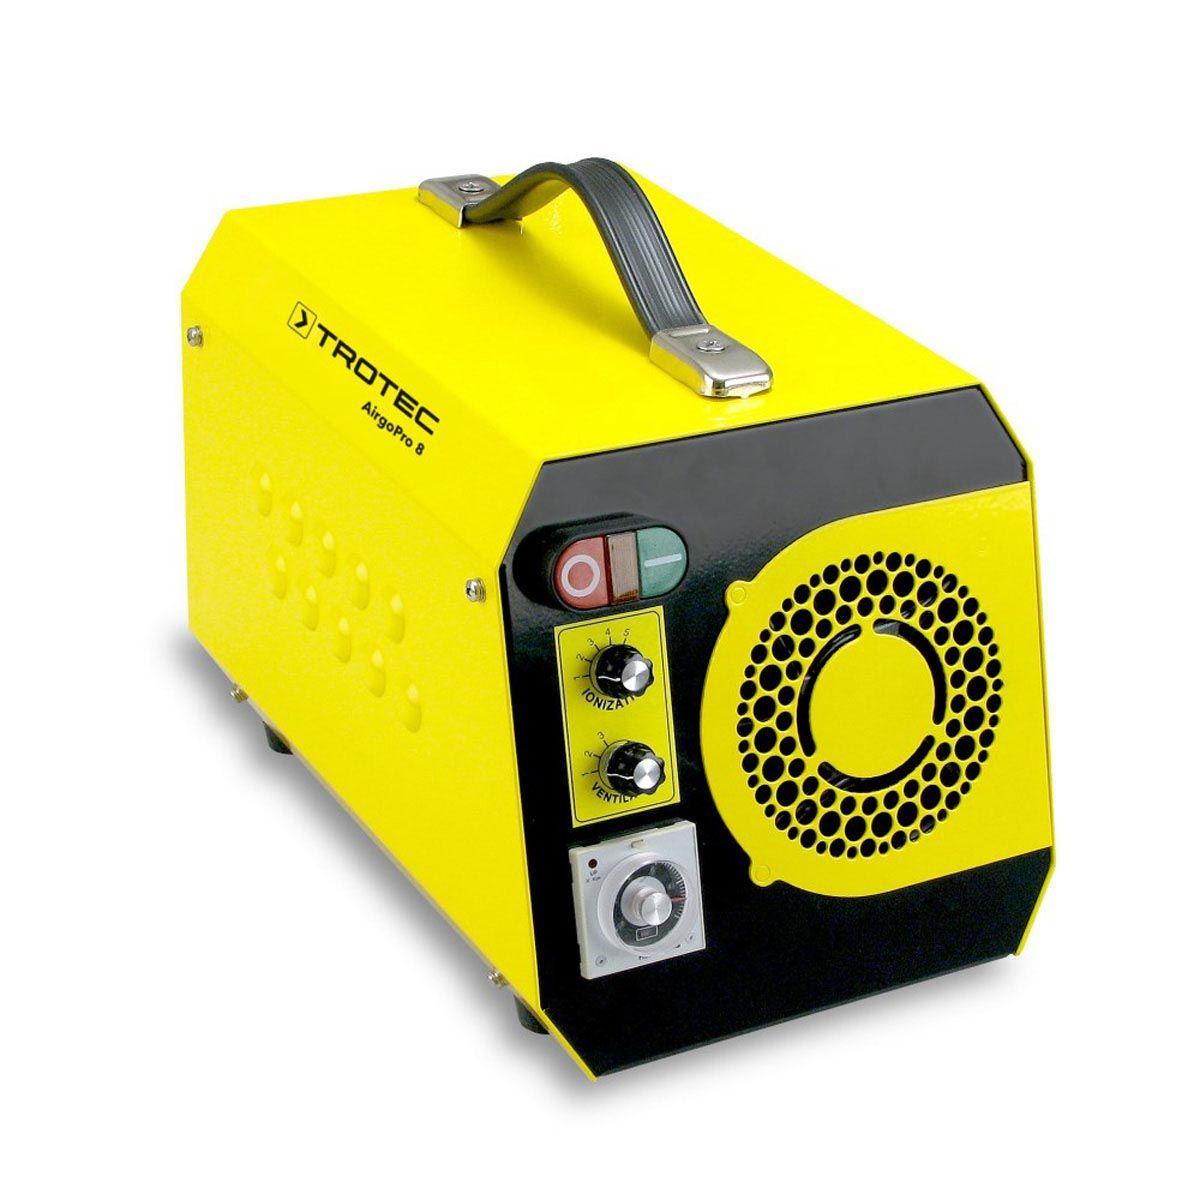 Geruchsbeseitiger, AirgoPro 8, gelb/schwarz, 350 x 230 x 250 mm